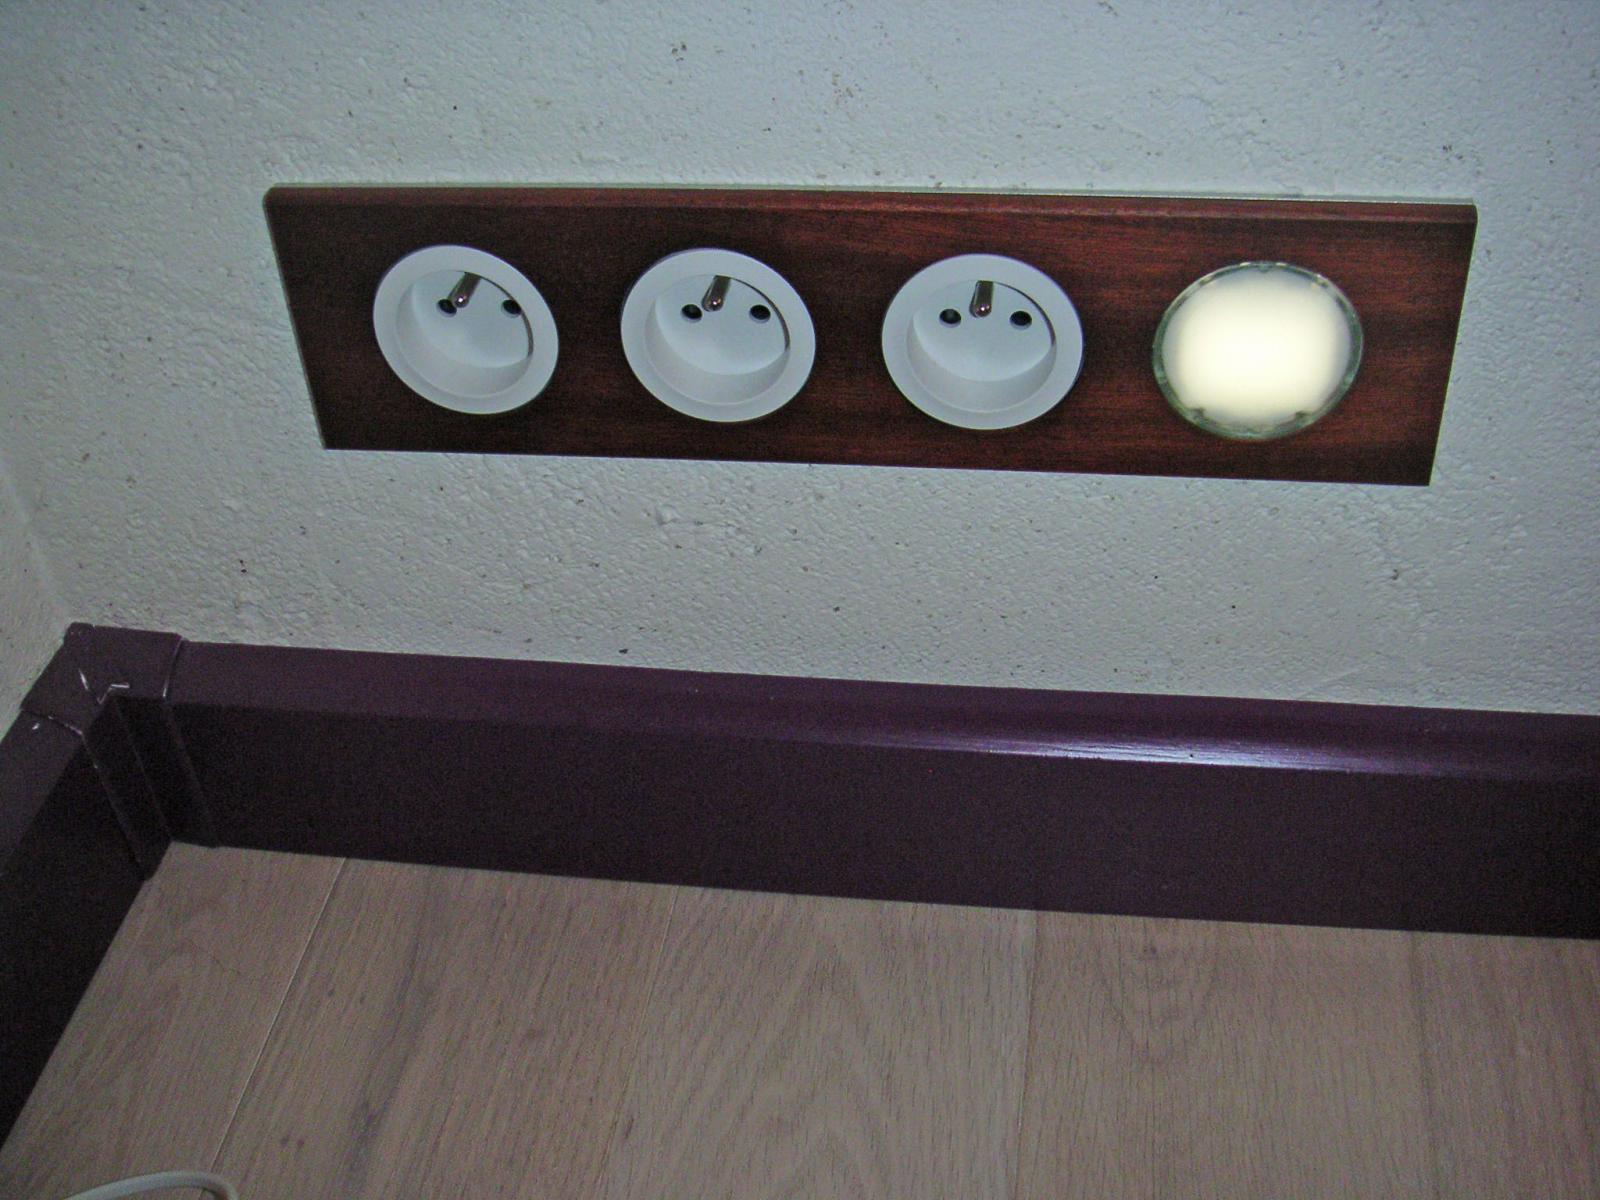 Plinthe cache fils ou cable encastr dans le mur - Boite pour cacher les cables ...